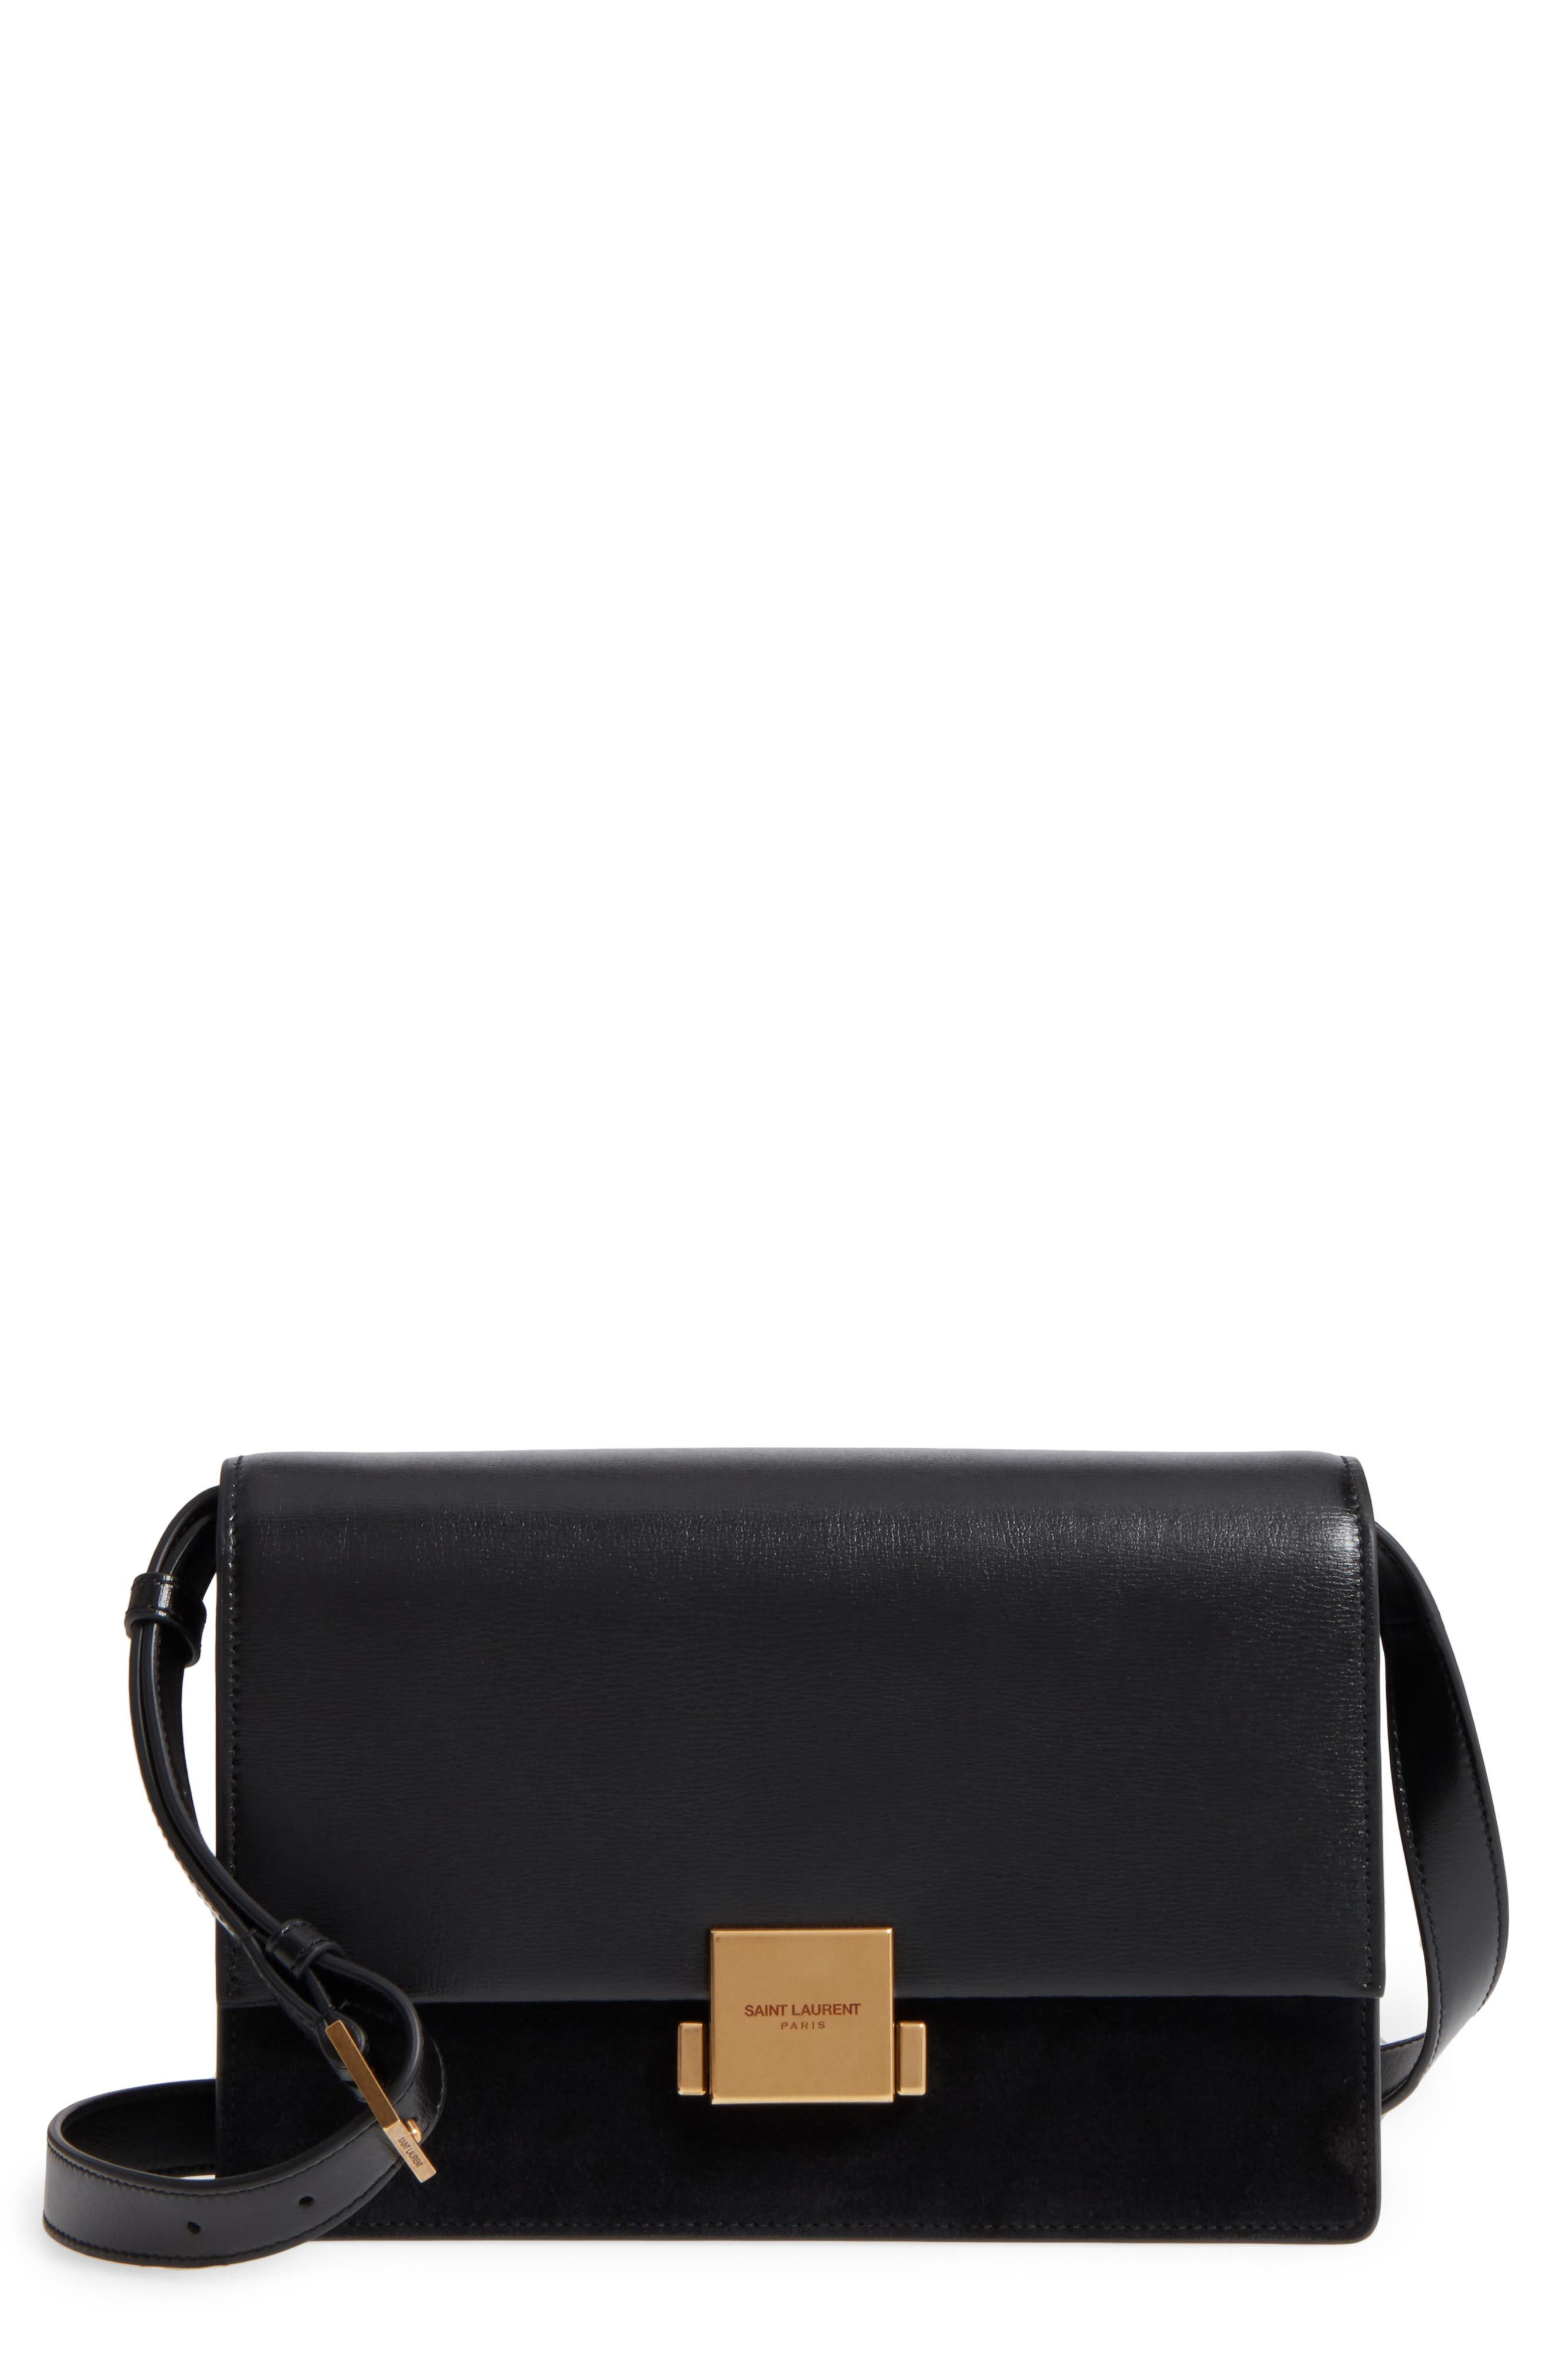 Medium Bellechasse Suede & Leather Shoulder Bag,                             Main thumbnail 1, color,                             NOIR